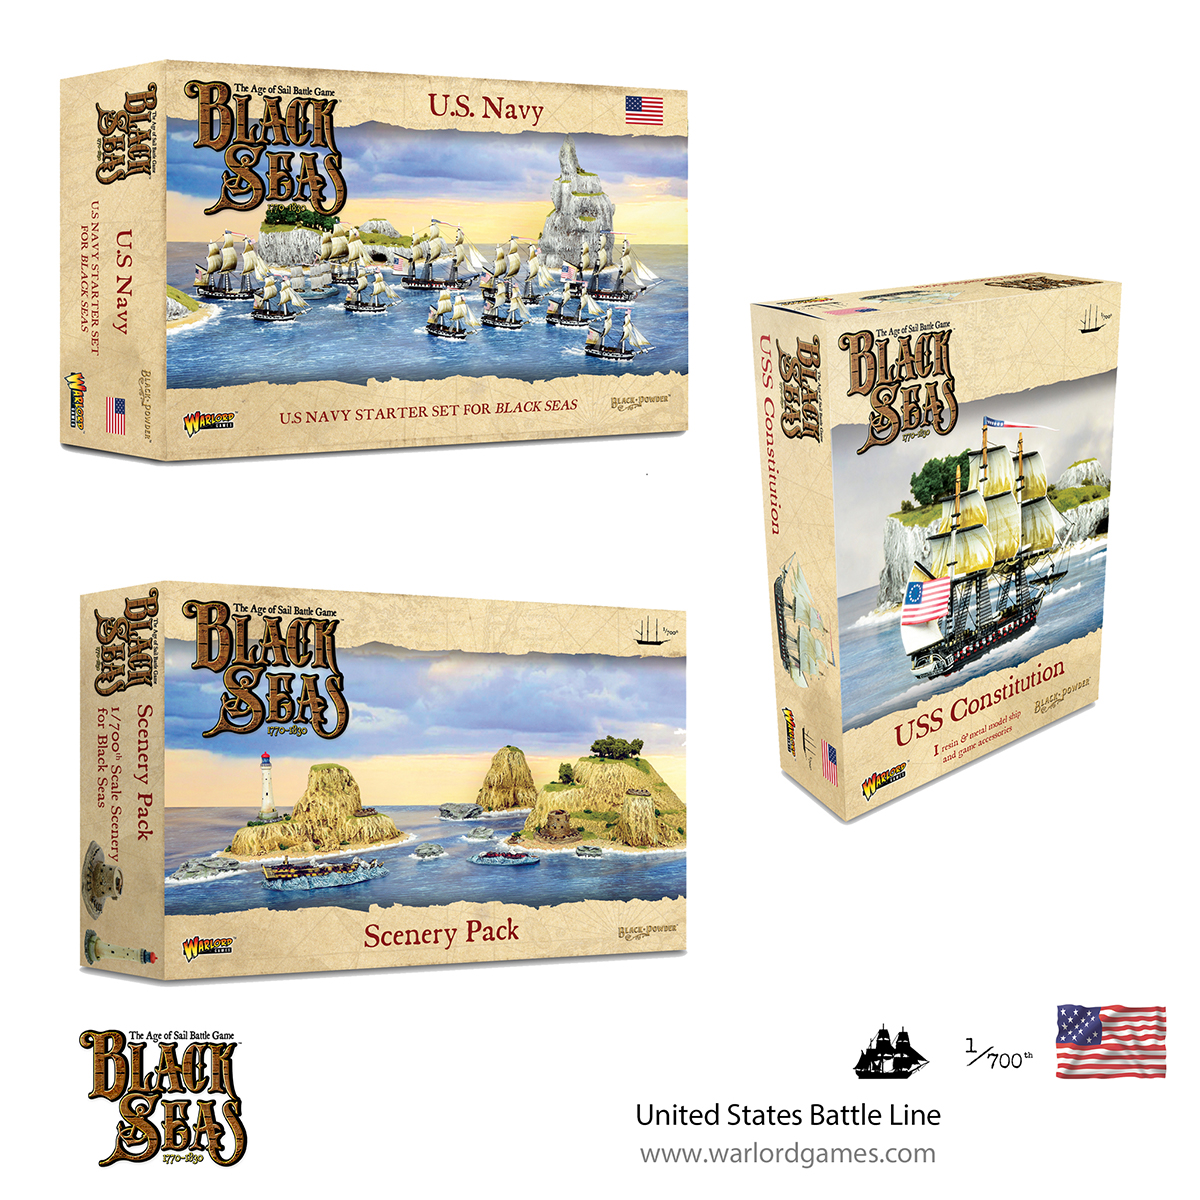 Black Seas United States Battle Line